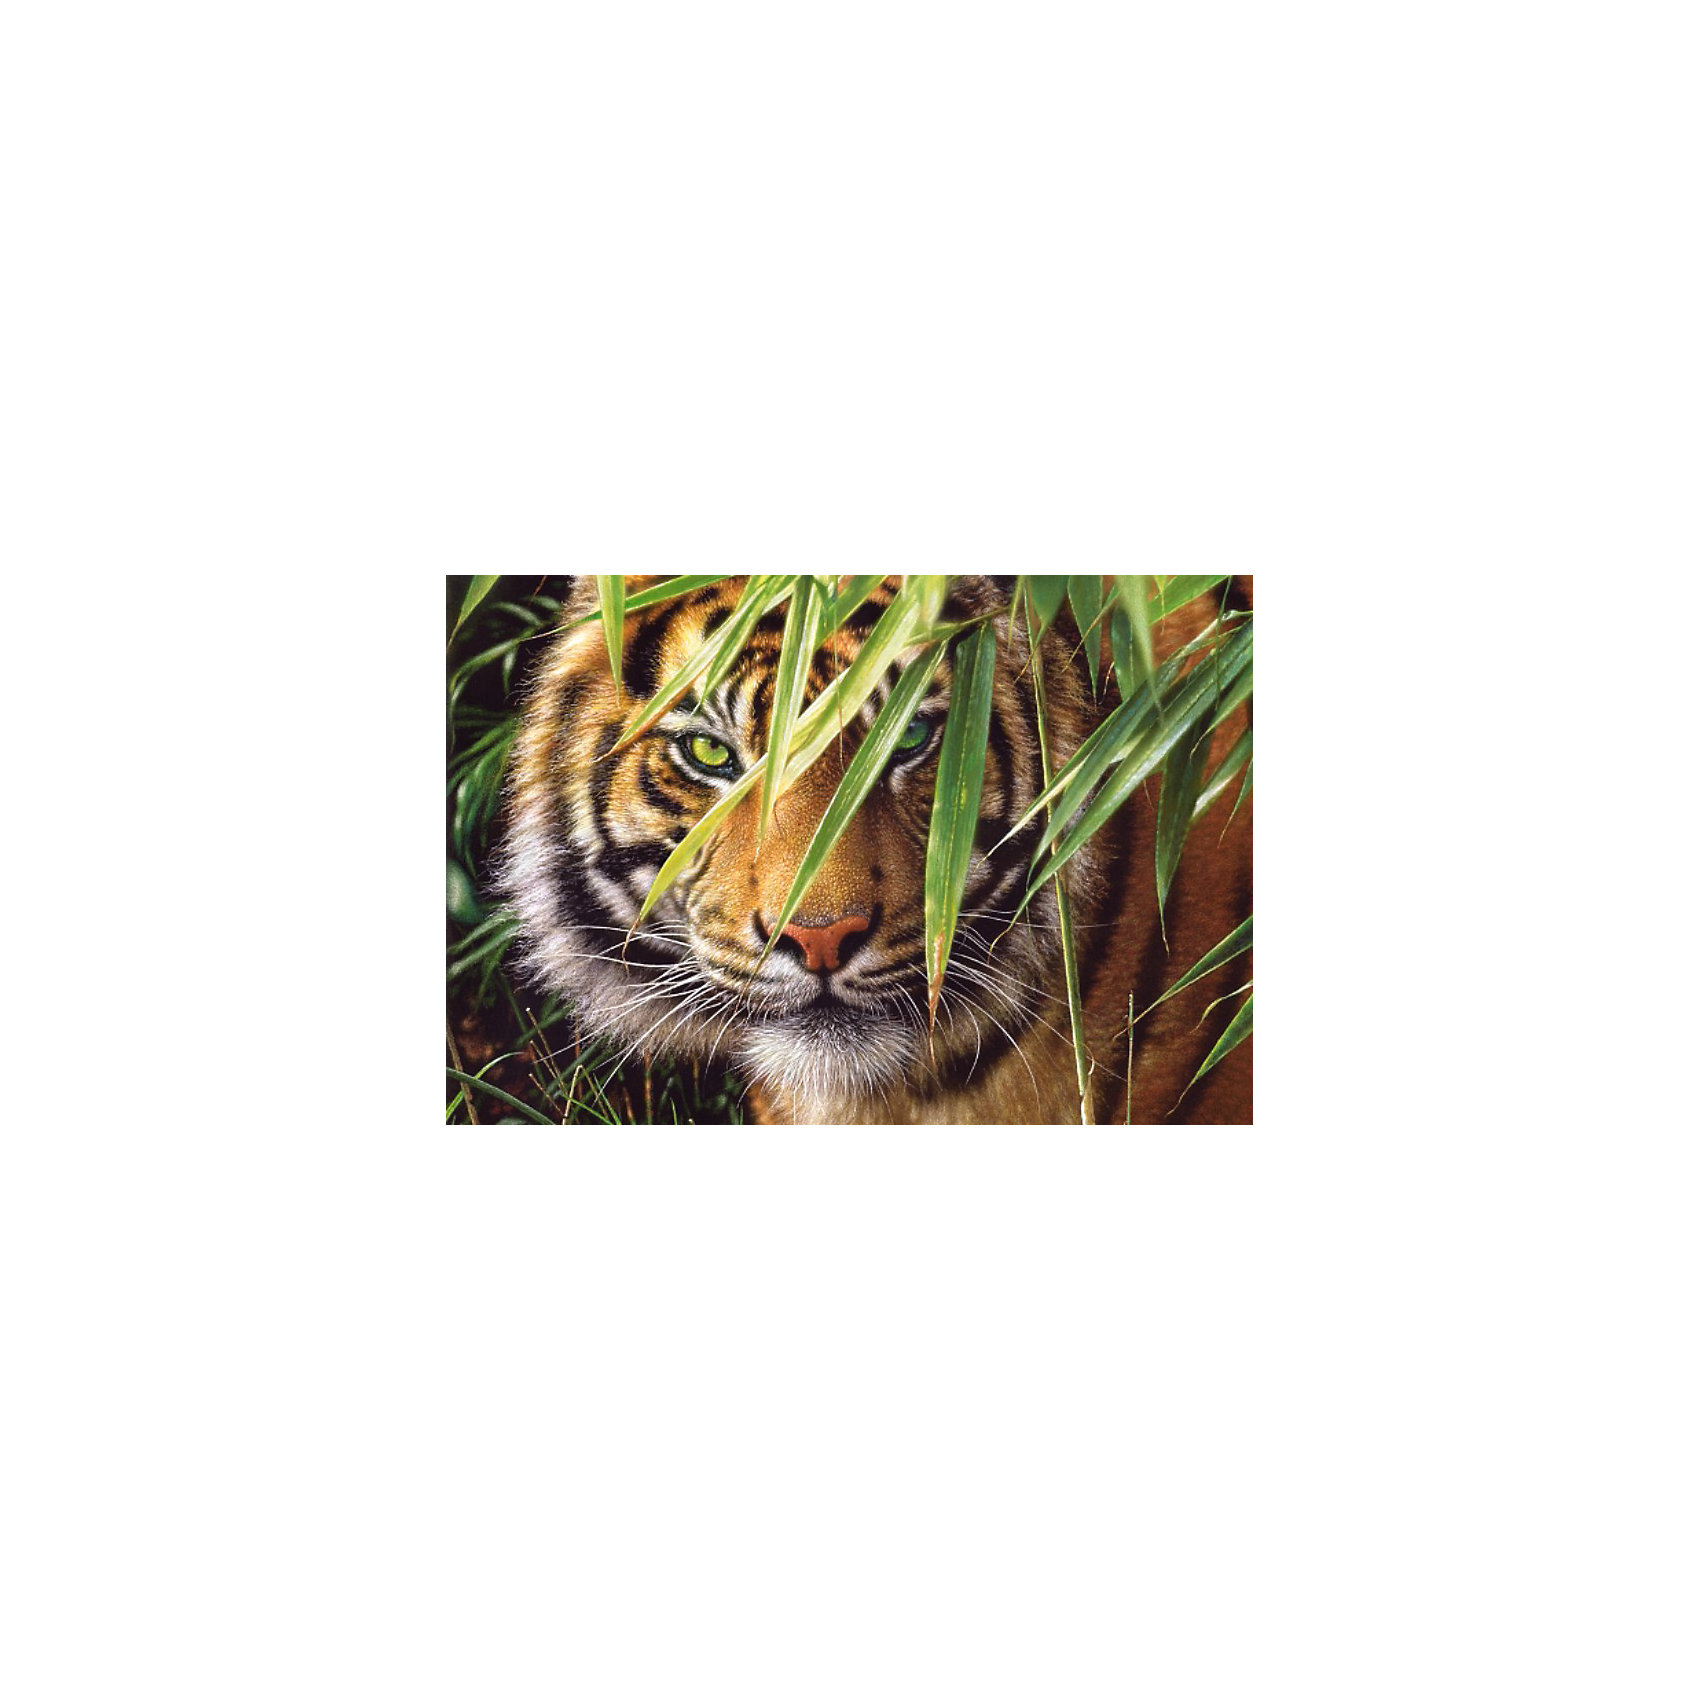 Пазл Тигр, 1500 деталей, CastorlandПазл Тигр, 1500 деталей, Castorland (Касторленд).<br><br>Дополнительная информация:<br><br>- Изображение: Тигр<br>- Количество деталей: 1500<br>- Материал: плотный картон<br>- Размер собранного пазла:   680x470 мм<br>- Размер коробки:  350x250x52 мм<br>- Вес: 850 г.<br><br>Пазл Тигр, 1500 деталей, Castorland (Касторленд) можно купить в нашем интернет-магазине.<br><br>Ширина мм: 350<br>Глубина мм: 250<br>Высота мм: 50<br>Вес г: 850<br>Возраст от месяцев: 168<br>Возраст до месяцев: 1188<br>Пол: Унисекс<br>Возраст: Детский<br>Количество деталей: 1500<br>SKU: 2328176